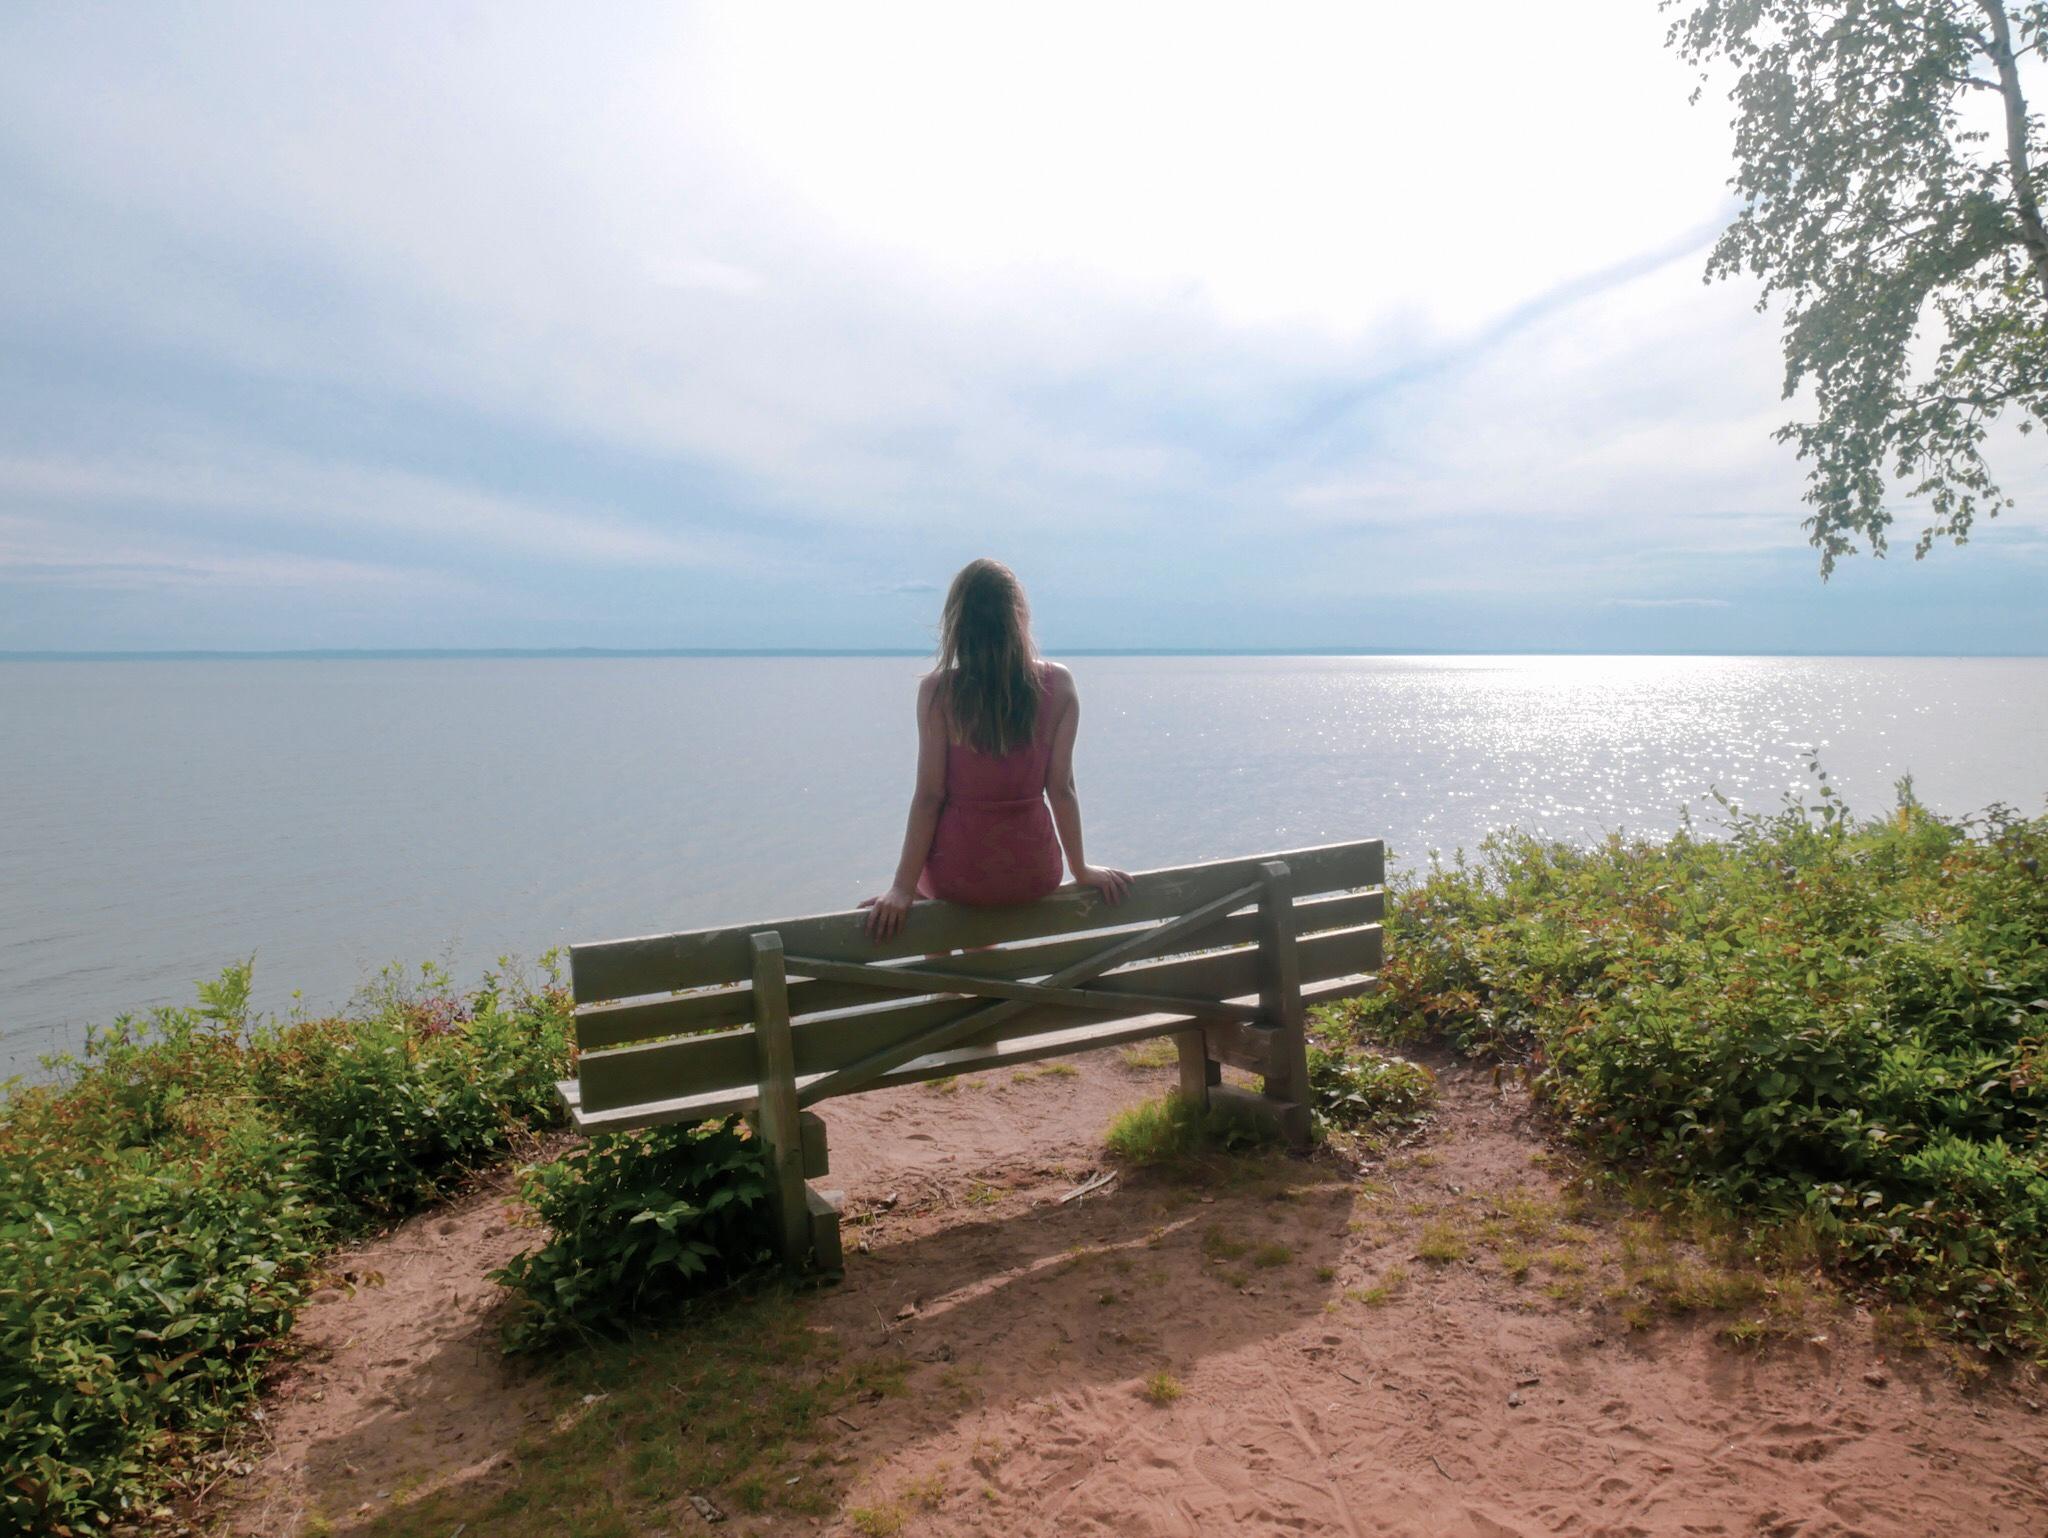 Parc national du Parc de la Pointe Taillon - Roadtrip au Québec, Canada - Blog Voyage Ma Folie Vagabonde